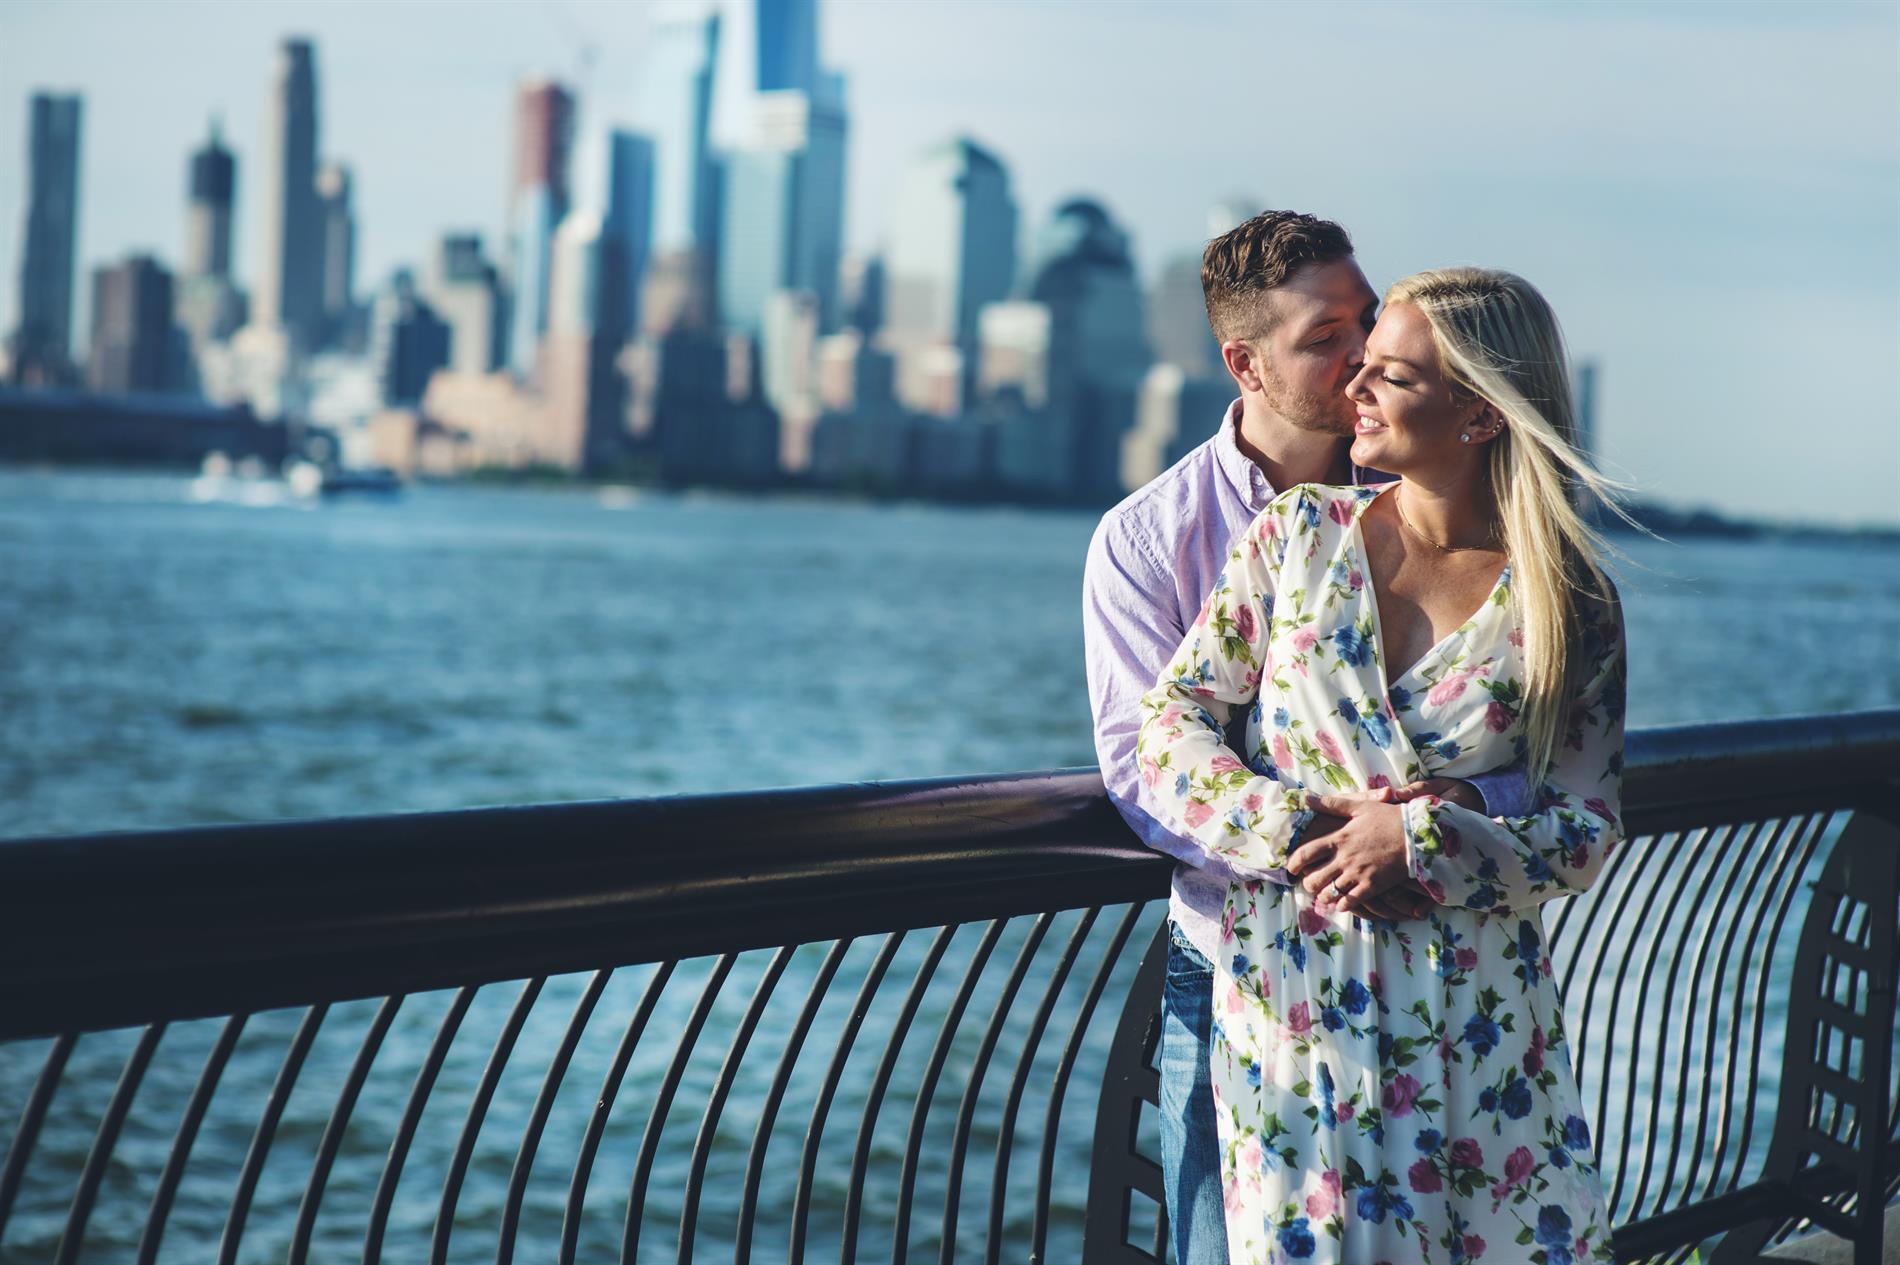 Cory & Ashley Engagement Photos